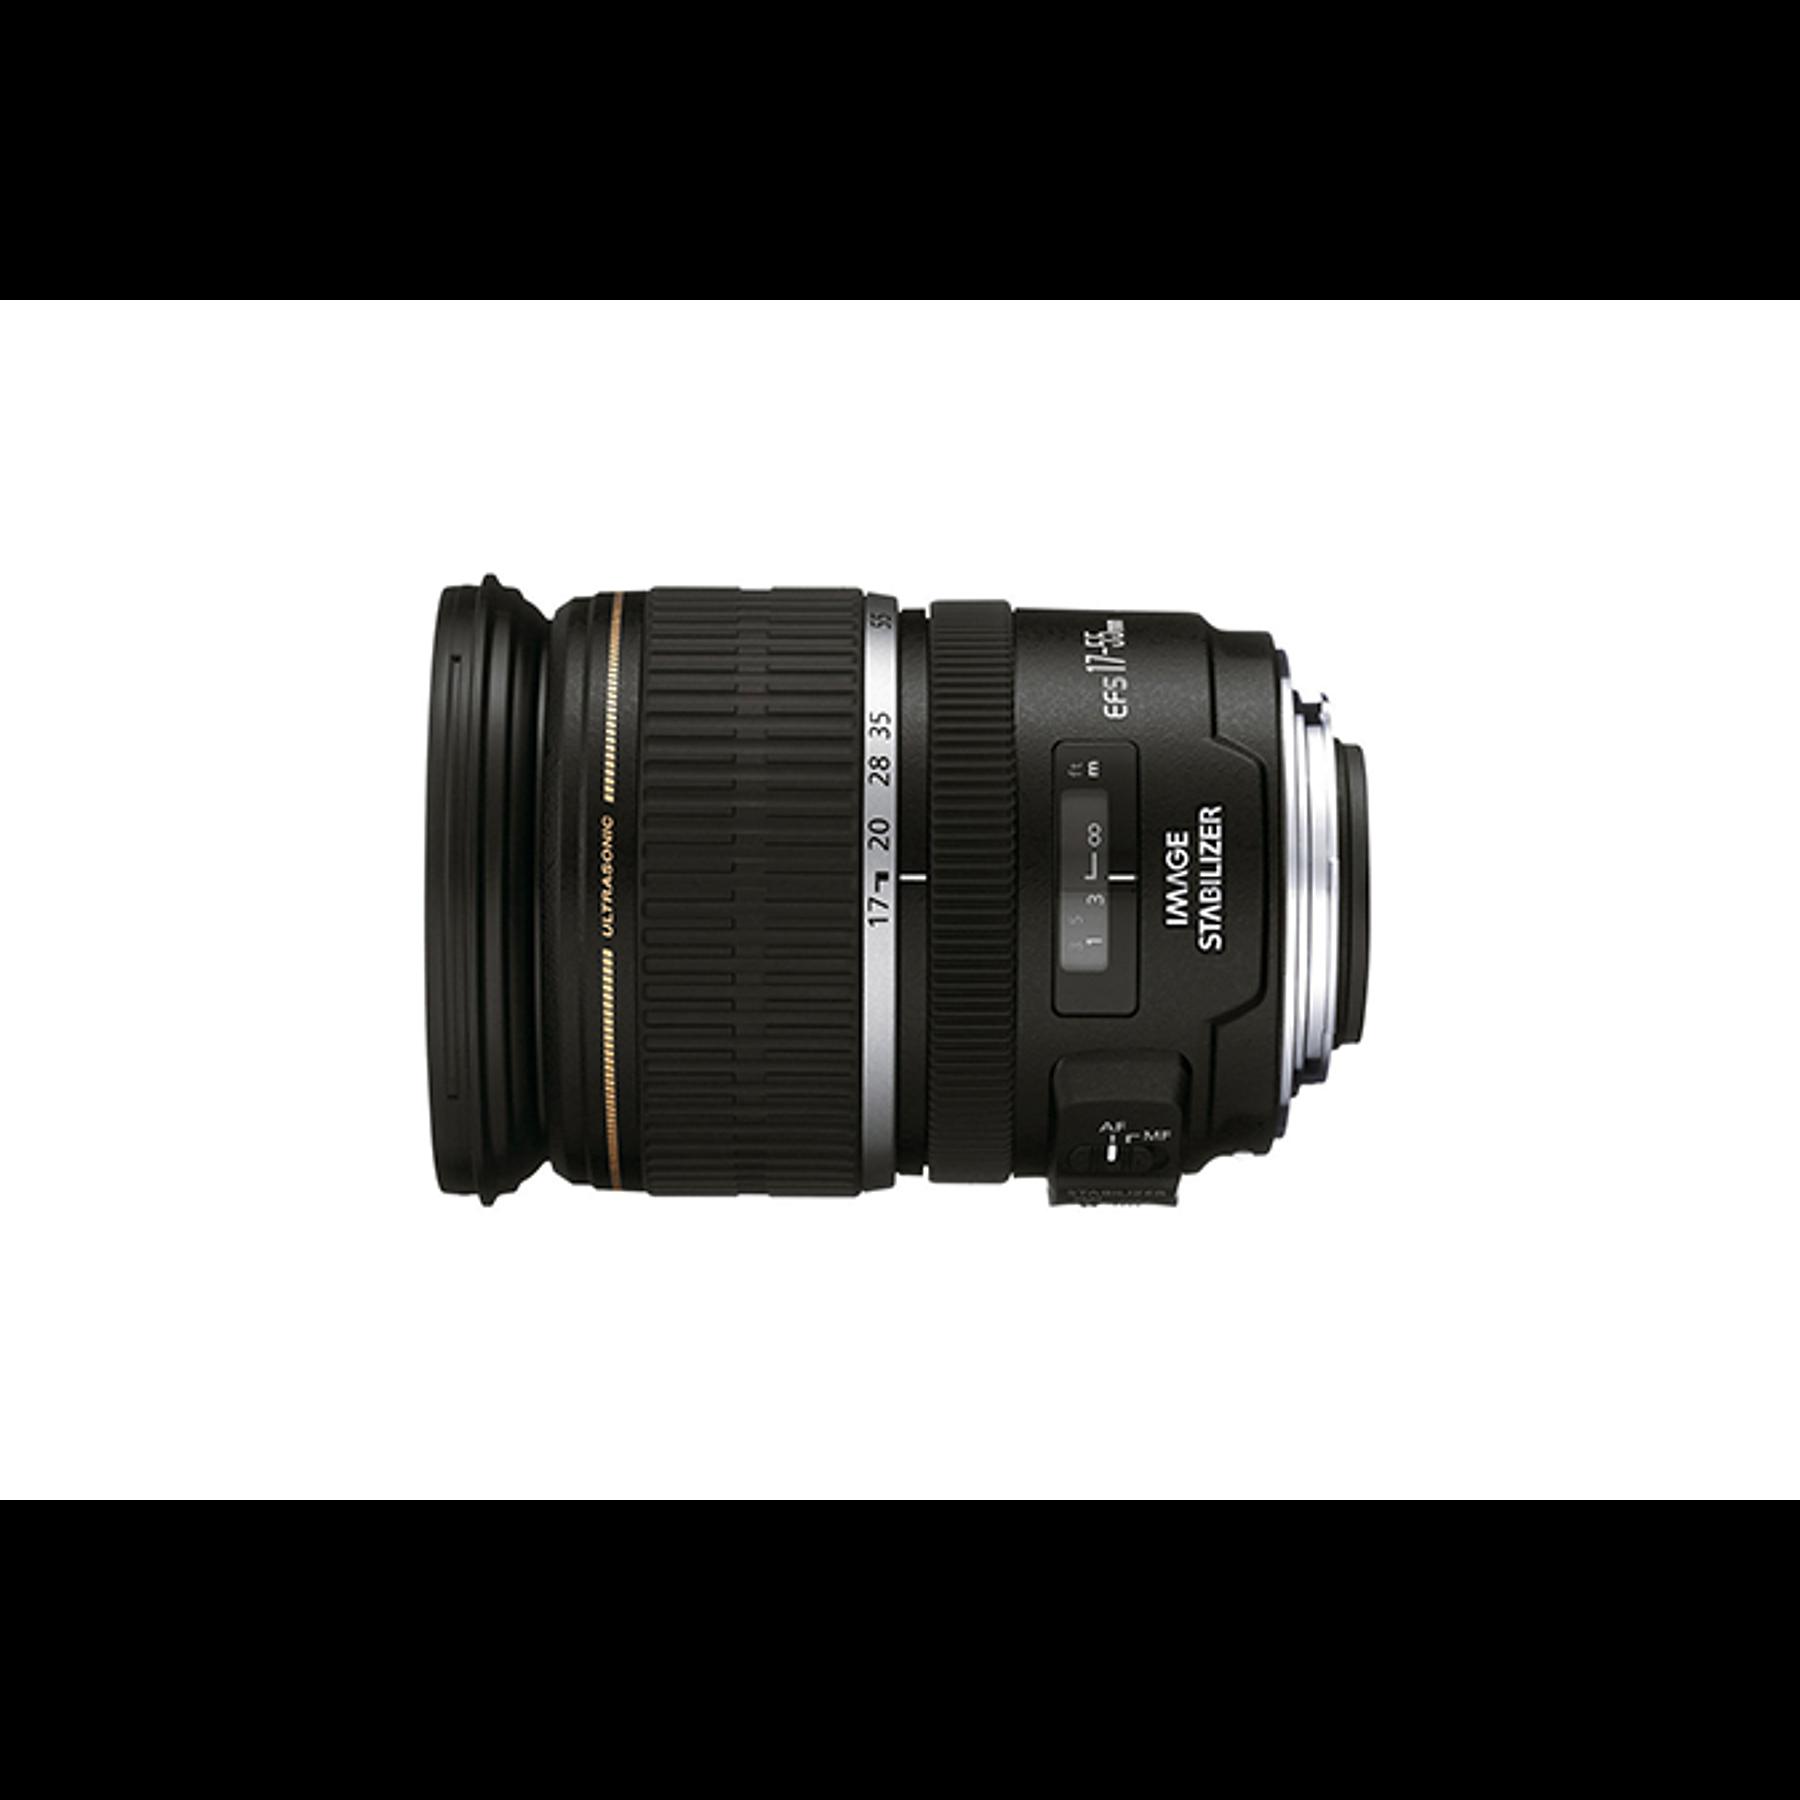 EF-S 17-55mm f2.8 IS USM